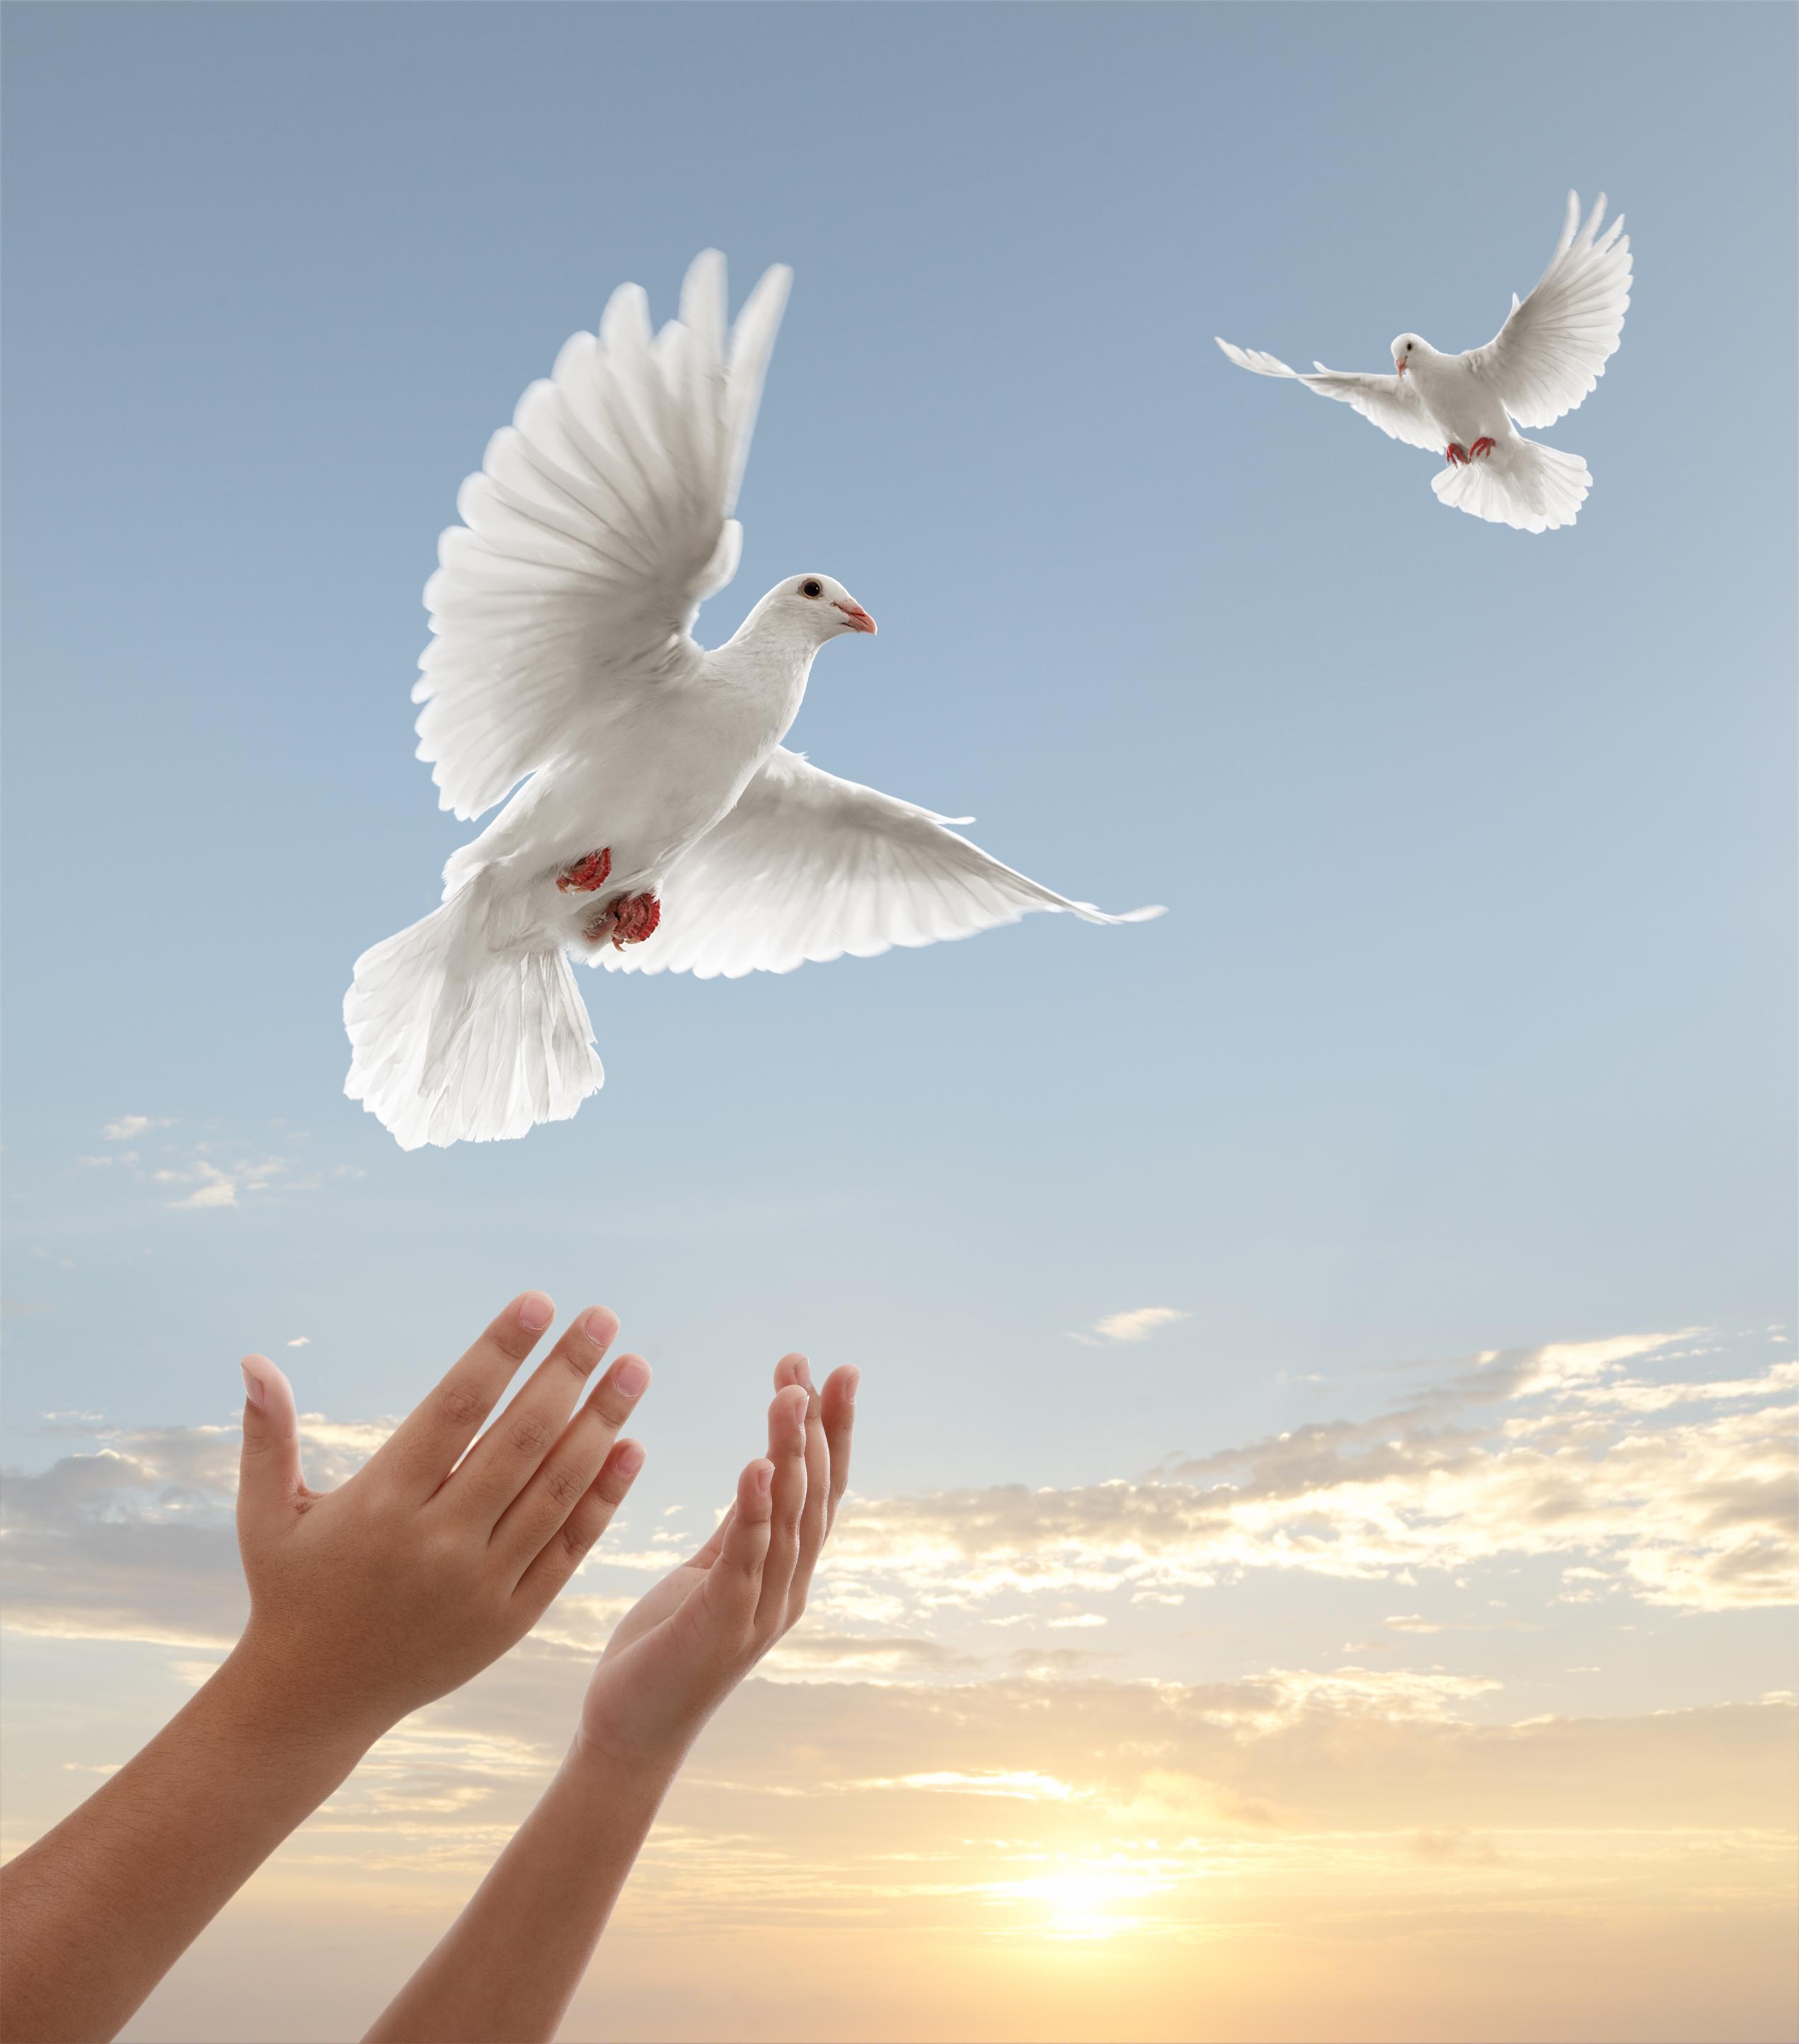 سلطنة عمان.. حمامة السلام إلى العالم